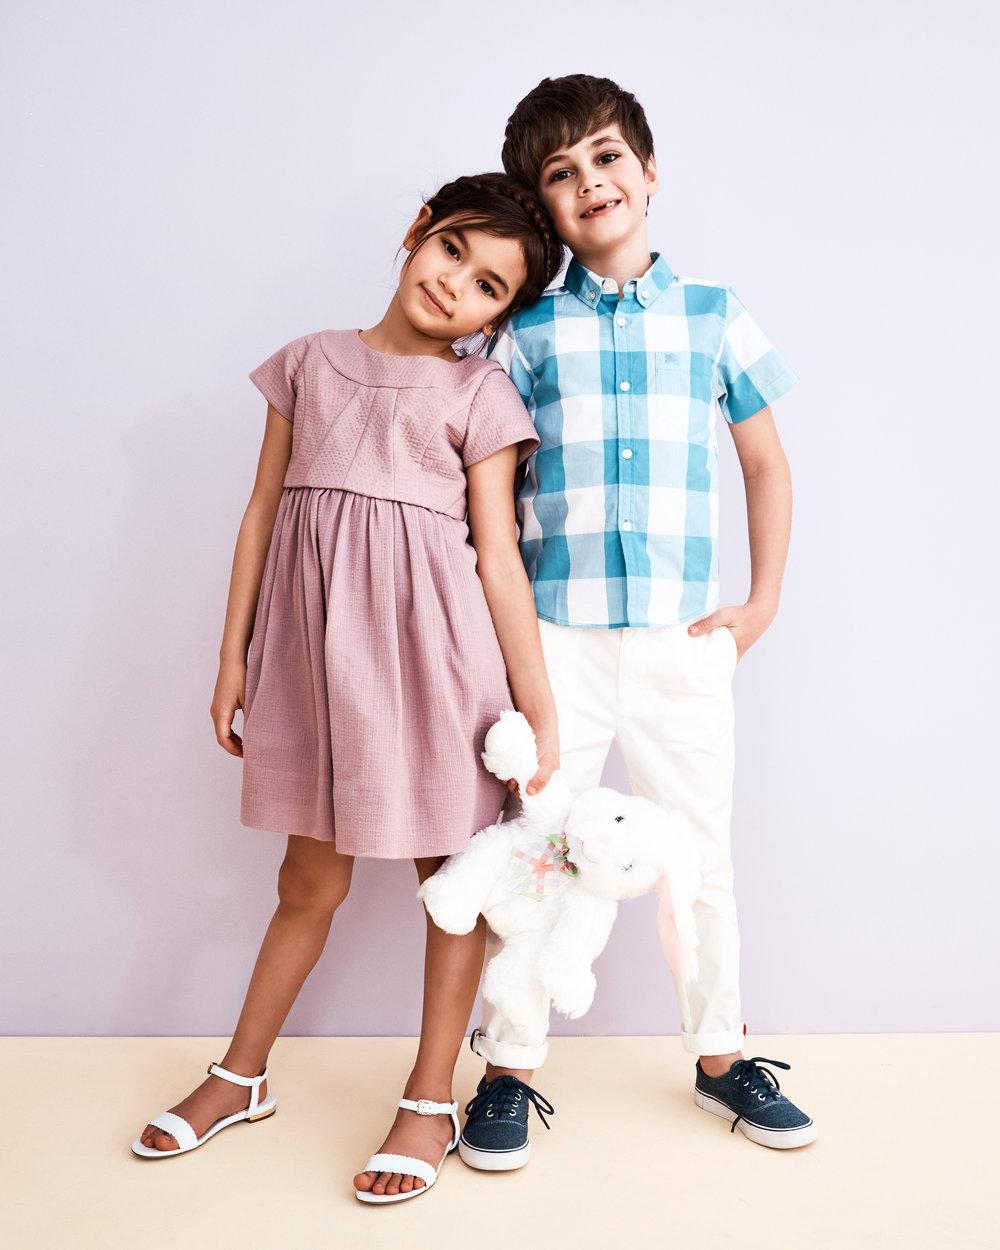 steveeiden.com_Kids_112.jpg